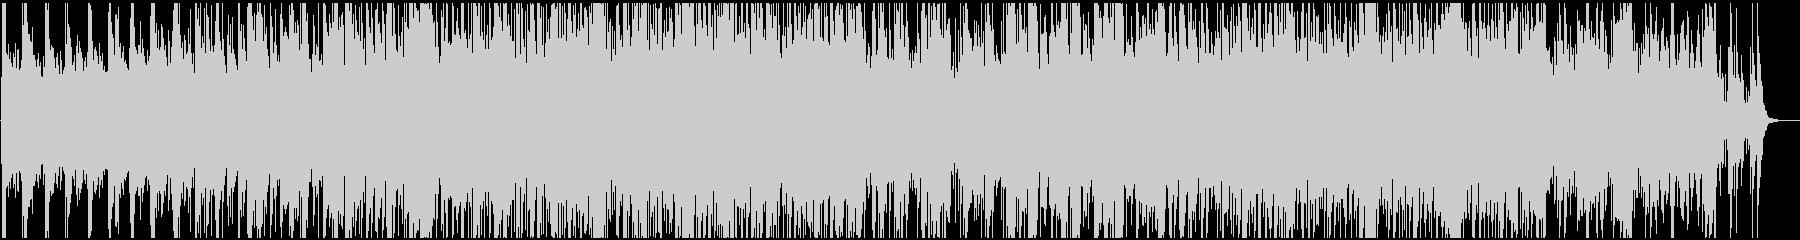 フィドルバイオリンによる酒場風の曲の未再生の波形